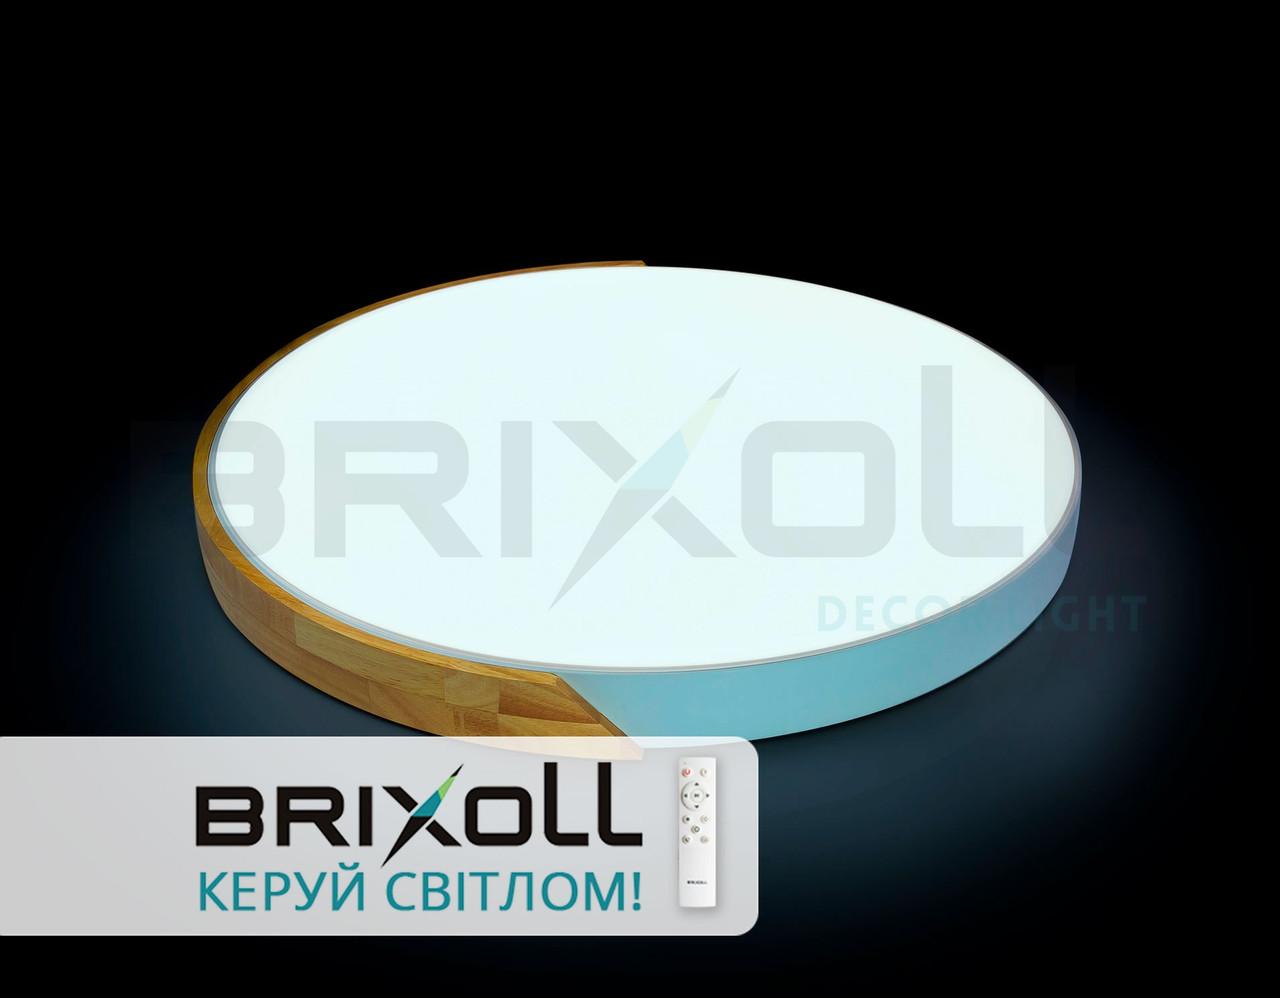 Светильник Brixoll Control SVT-60W-001